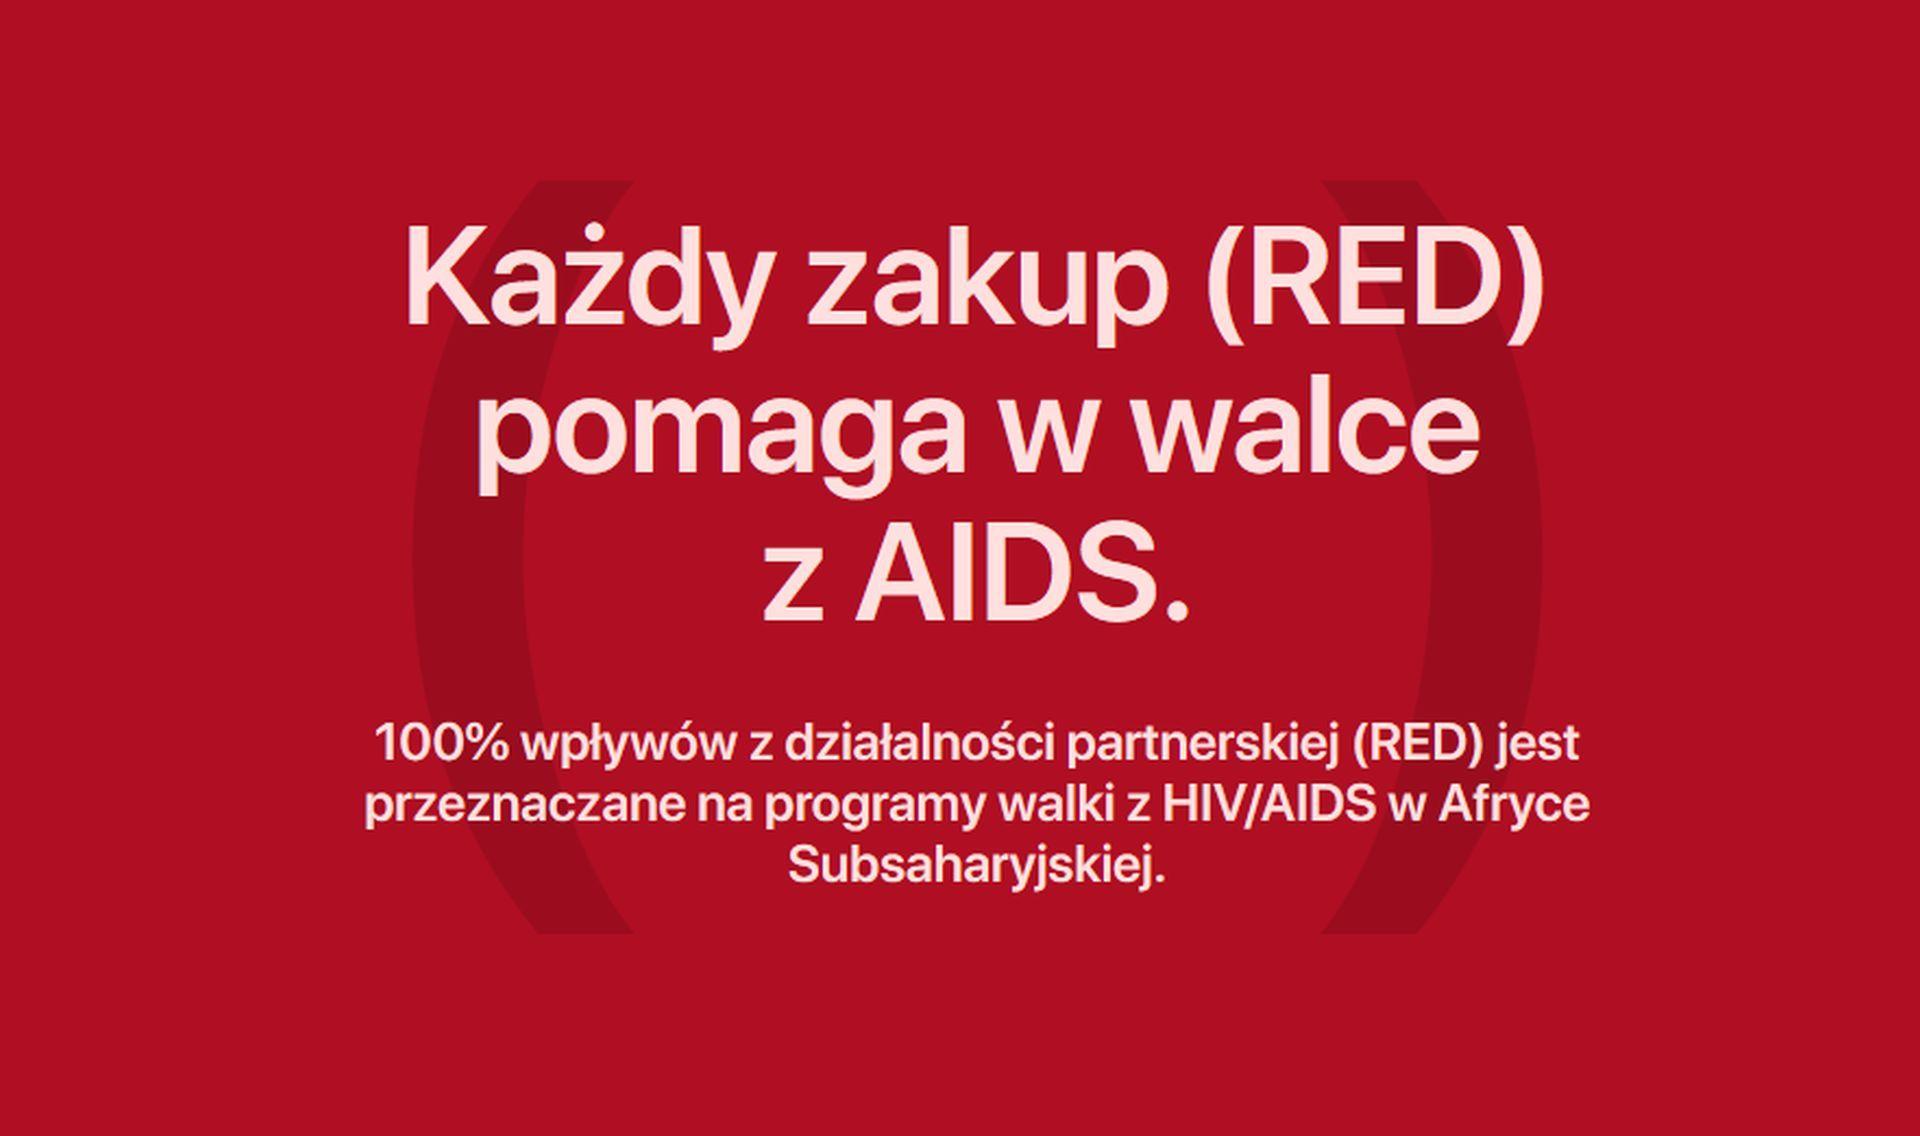 Kolejne wsparcie inicjatywy (Red) przez firmę Apple